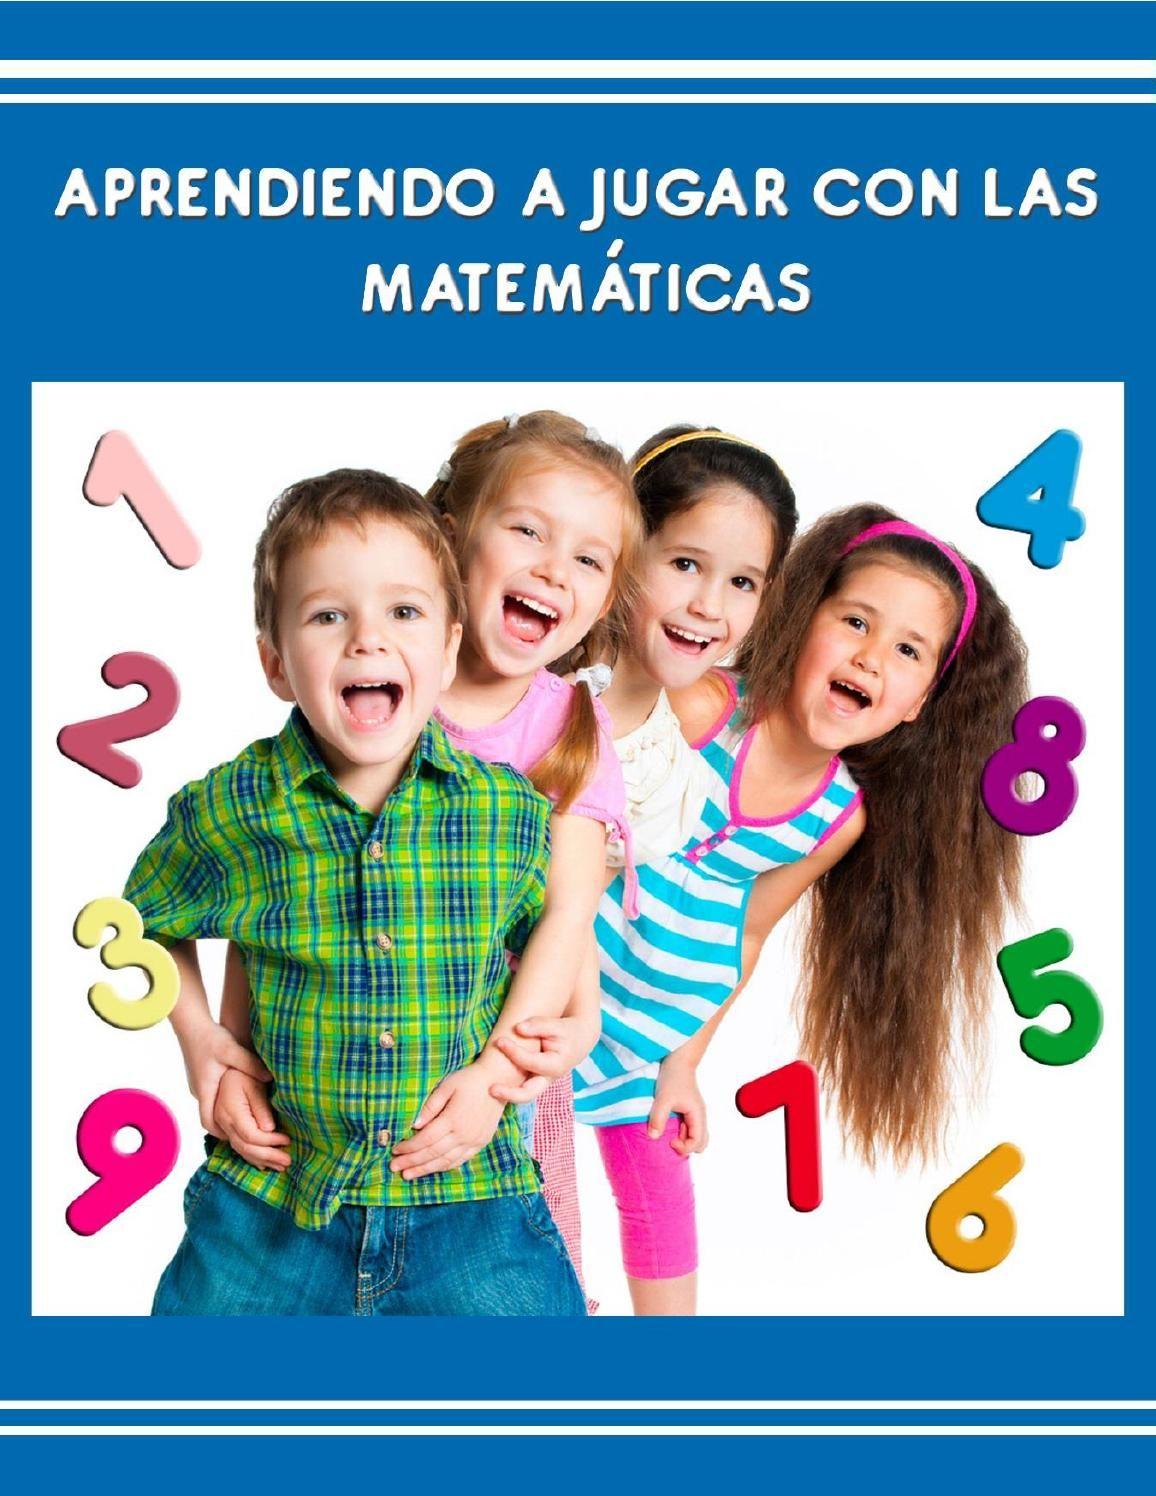 ... para niños preescolares, a partir de los 5 años de edad, cuyo objetivo  es fomentar y motivar su gusto por las matemáticas, mediante actividades de  fácil ...